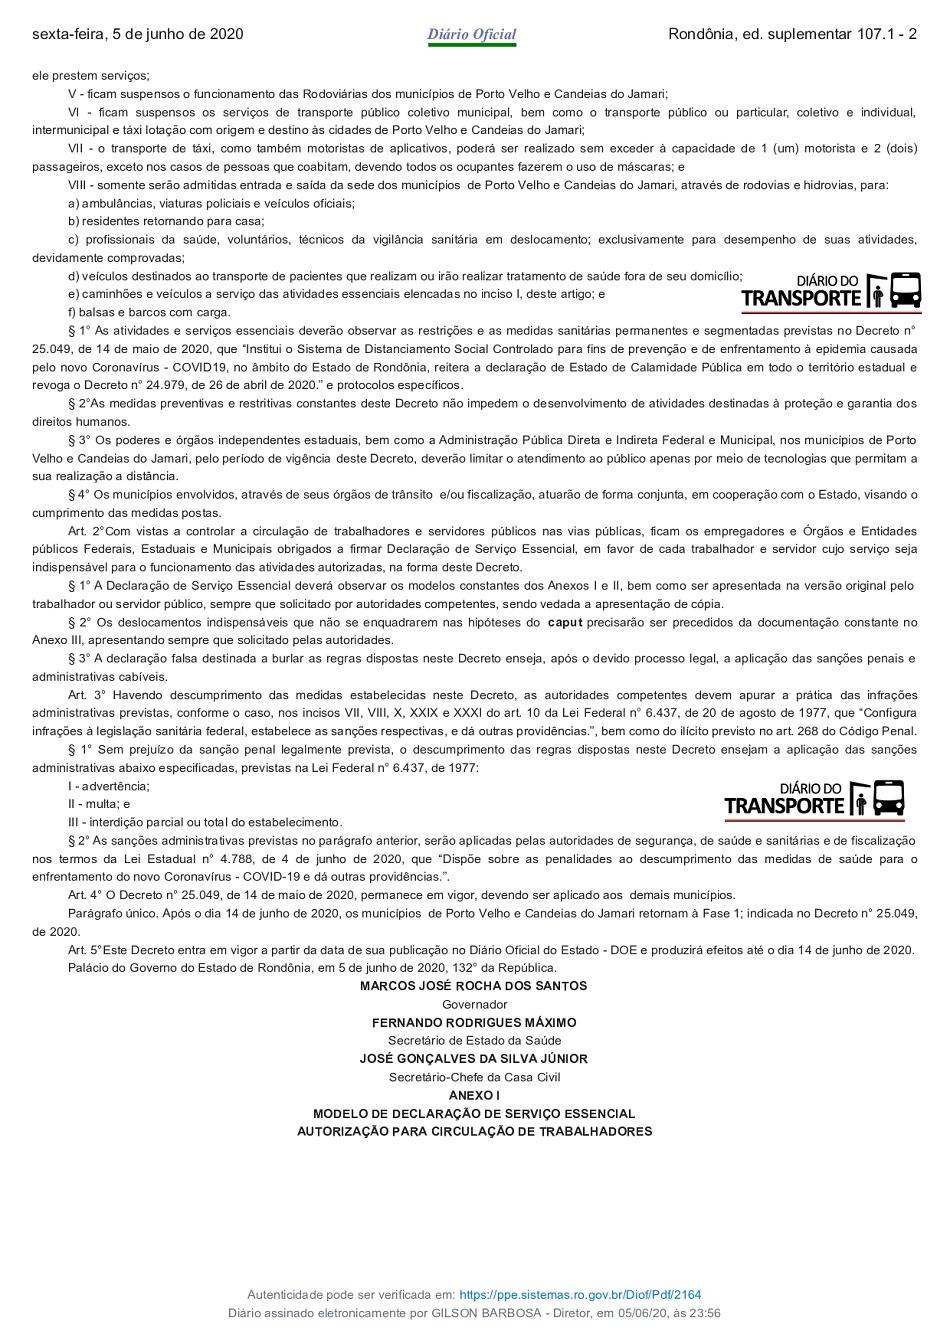 decreto rondonia_page-0002